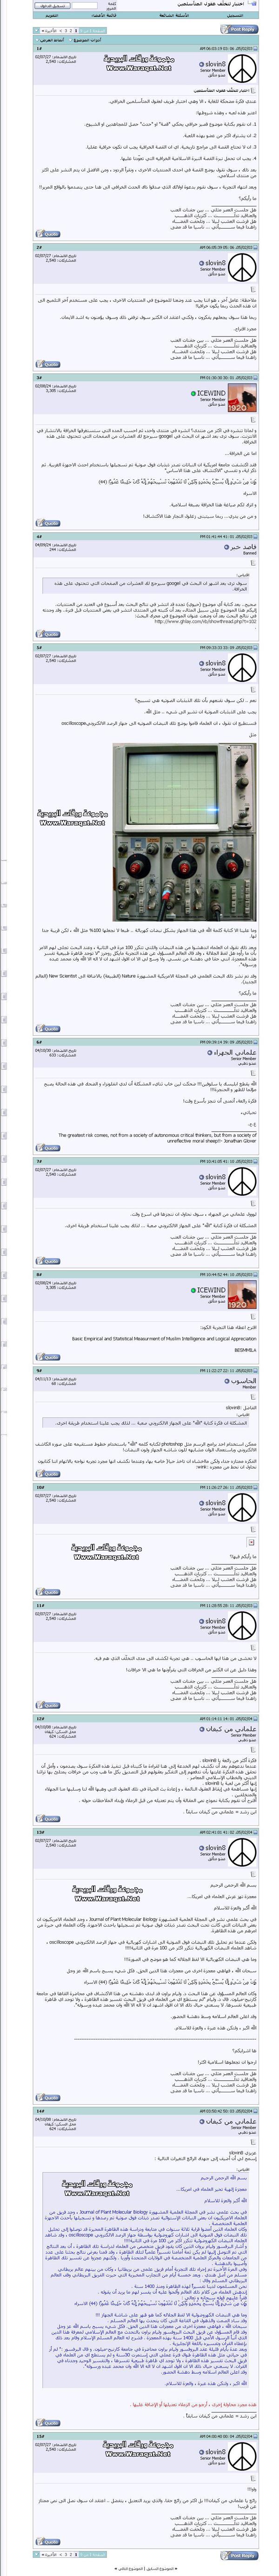 بعض الاكاذيب المنتشرة على الانترنت picture_1551996820_605.jpg